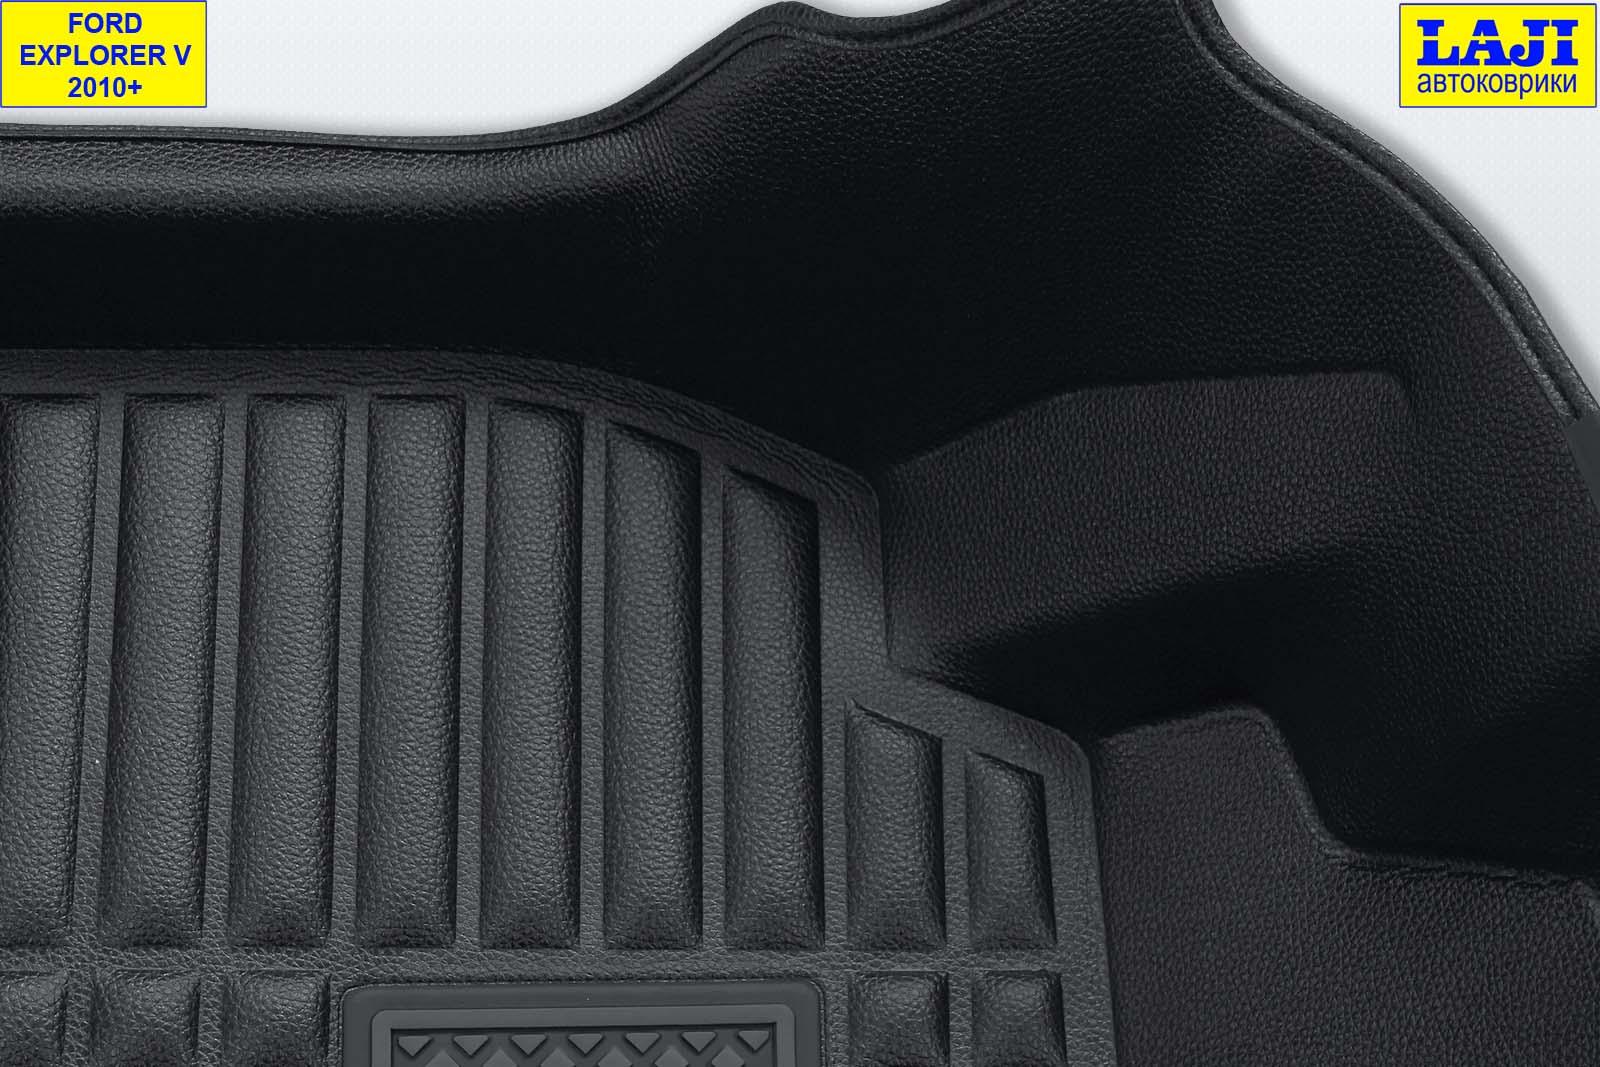 5D коврики в салон Ford Explorer 7 мест 2015-н.в. 6